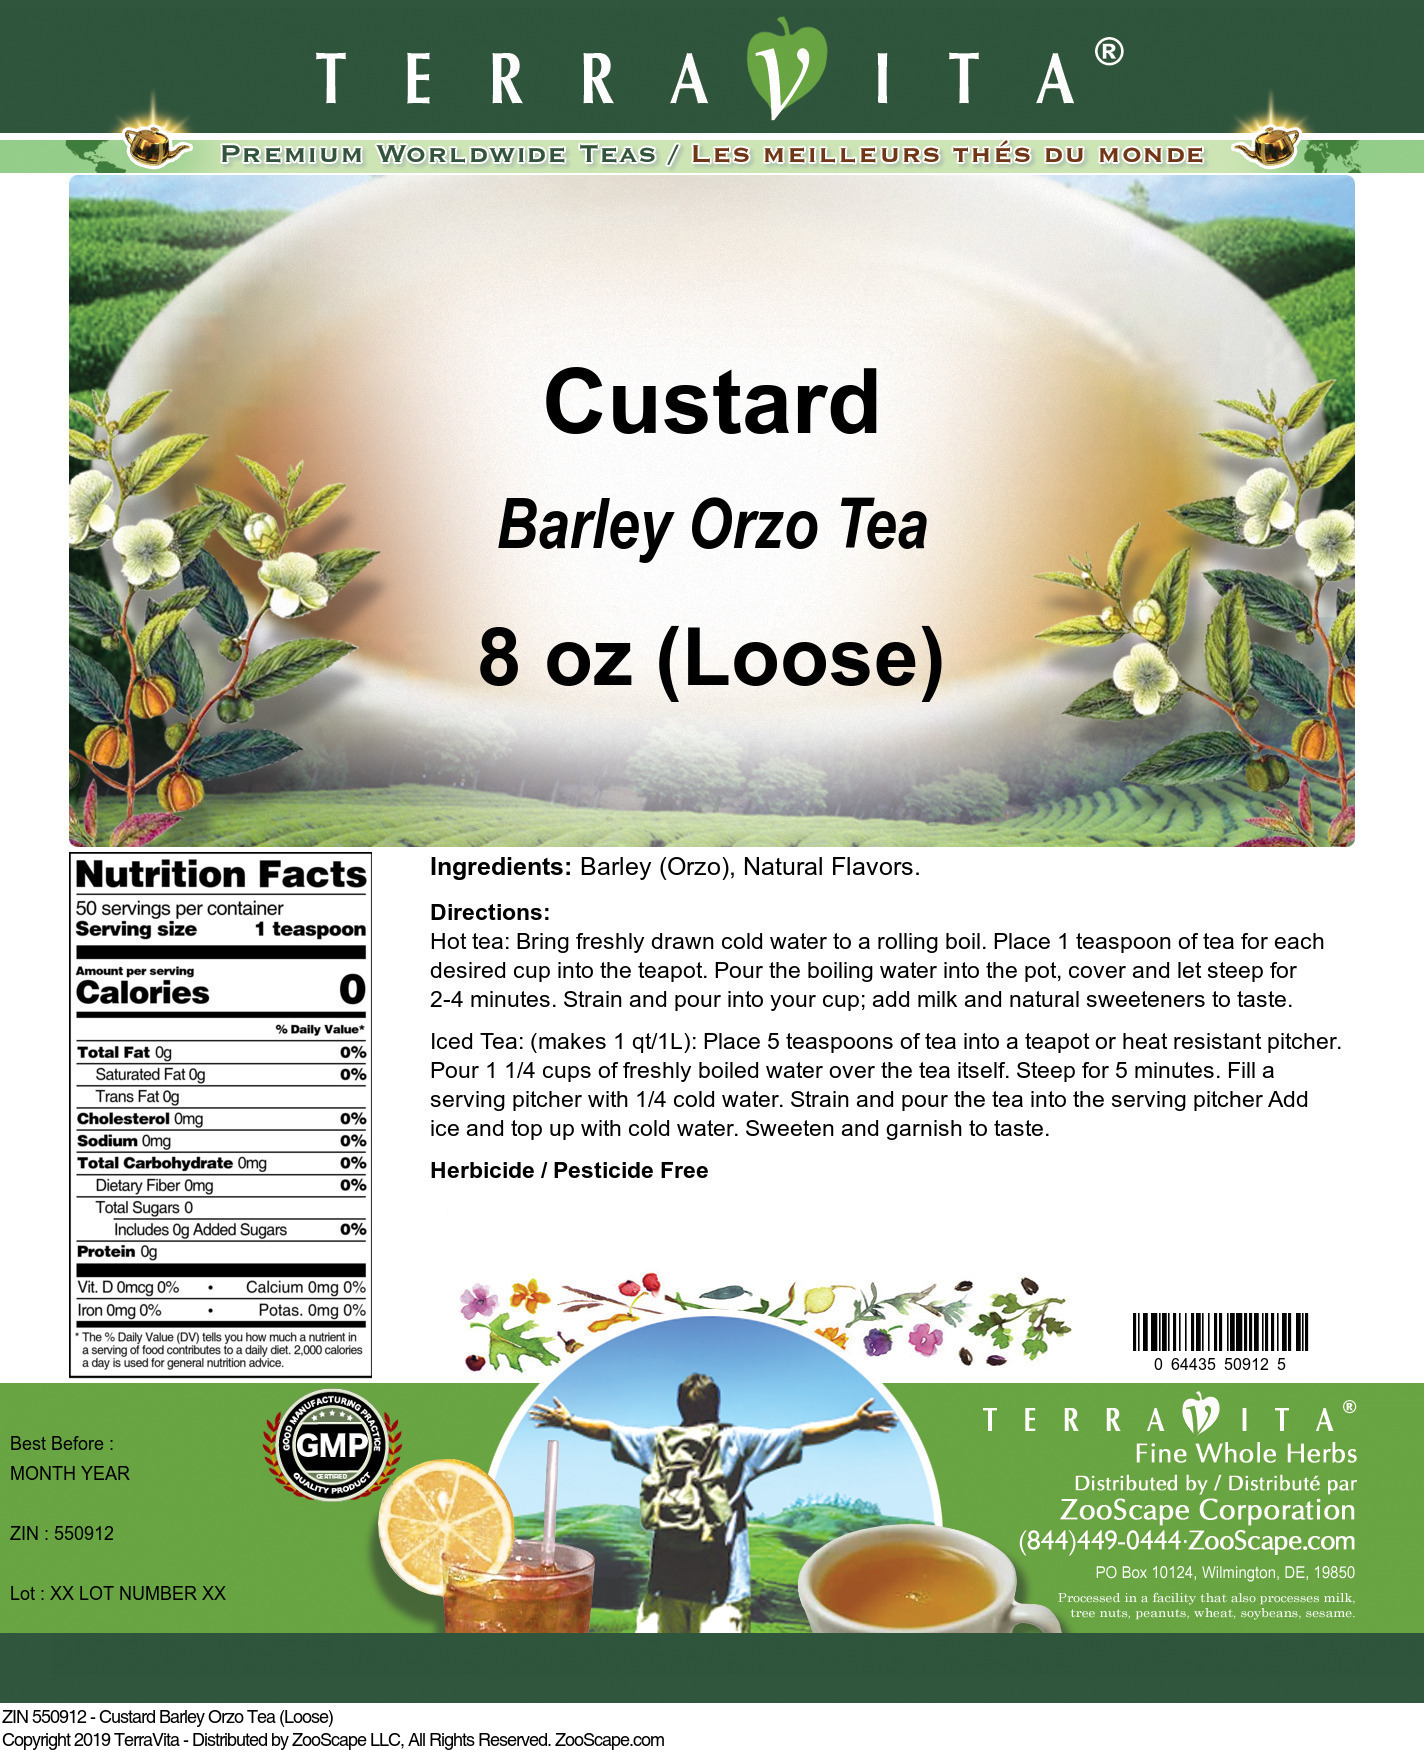 Custard Barley Orzo